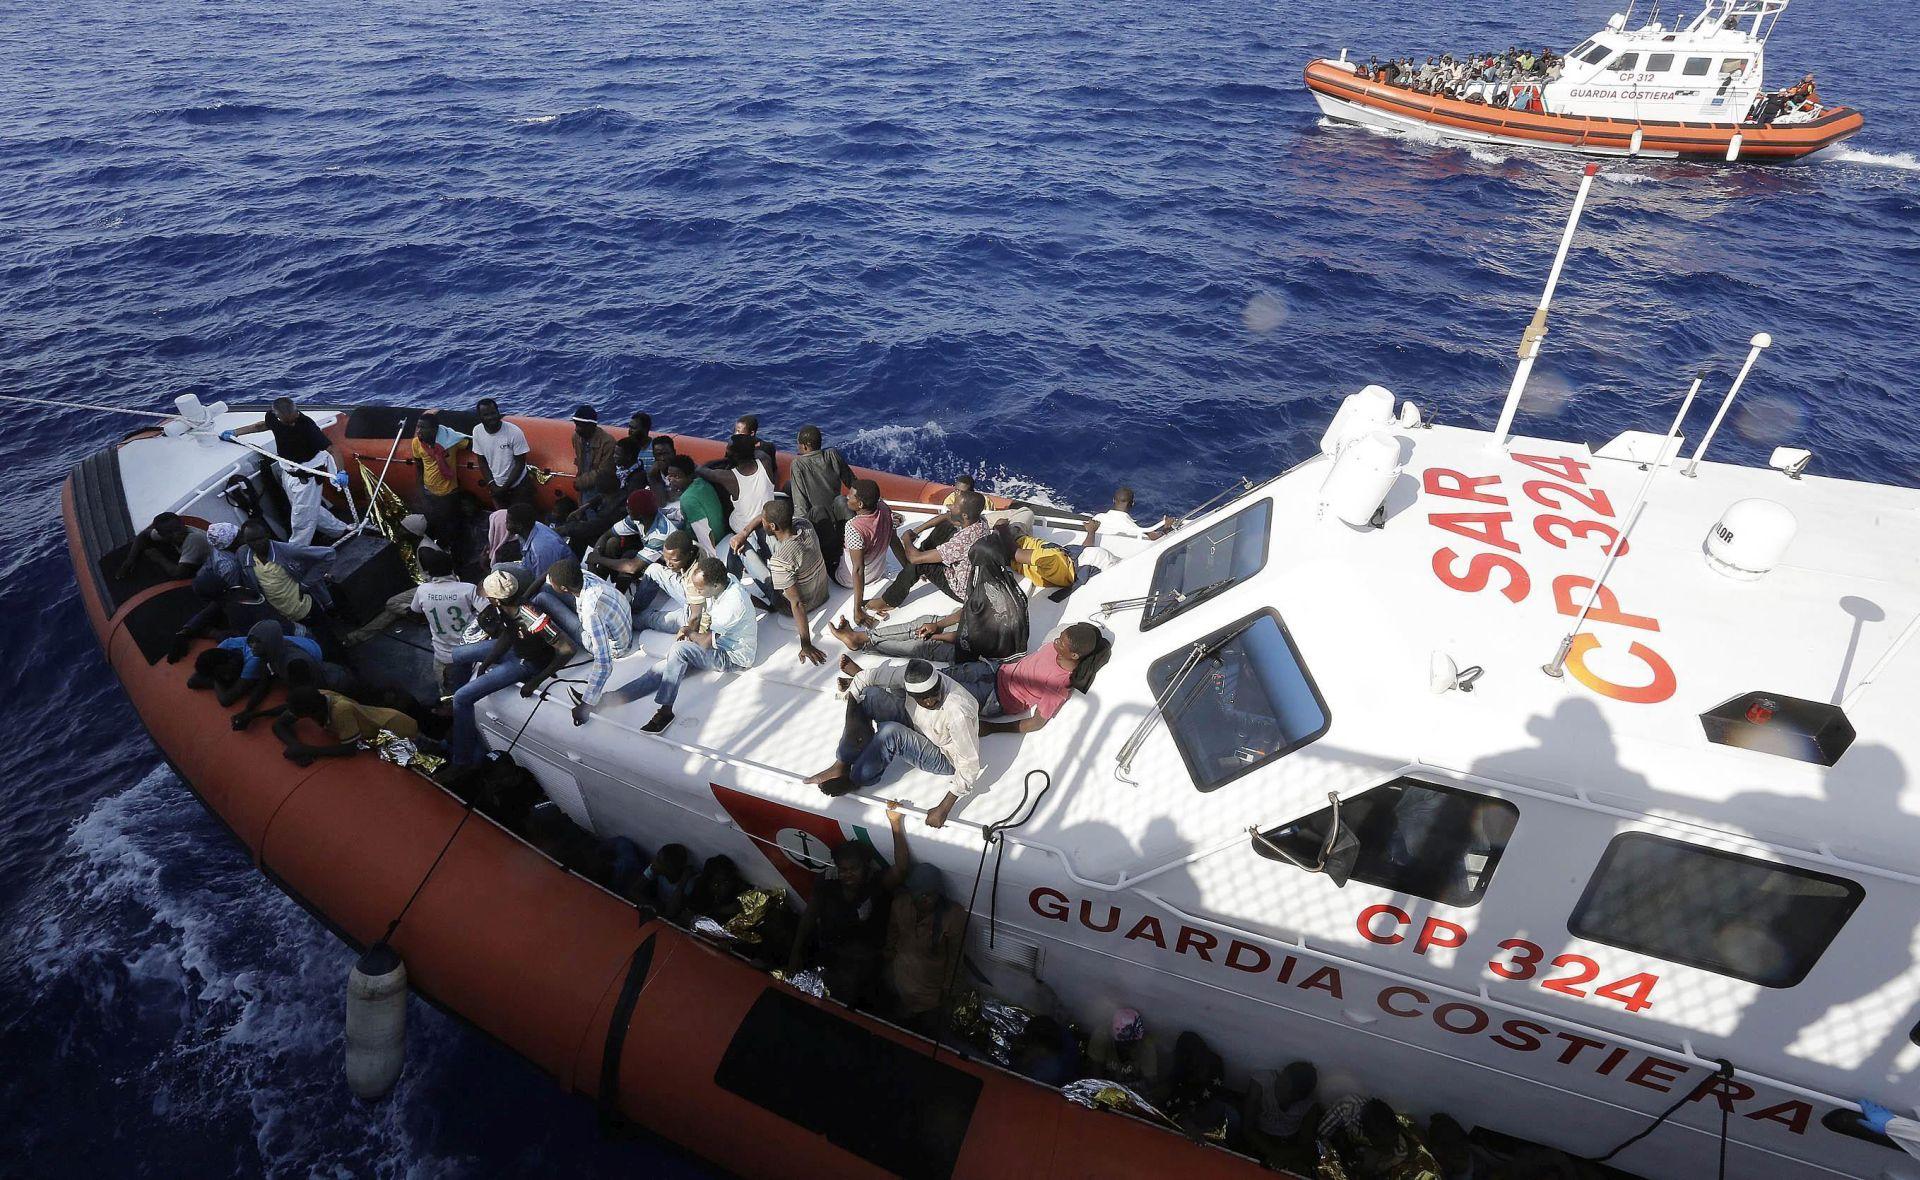 UJEDINJENI NARODI Više od pola milijuna migranata prešlo Sredozemlje 2015.